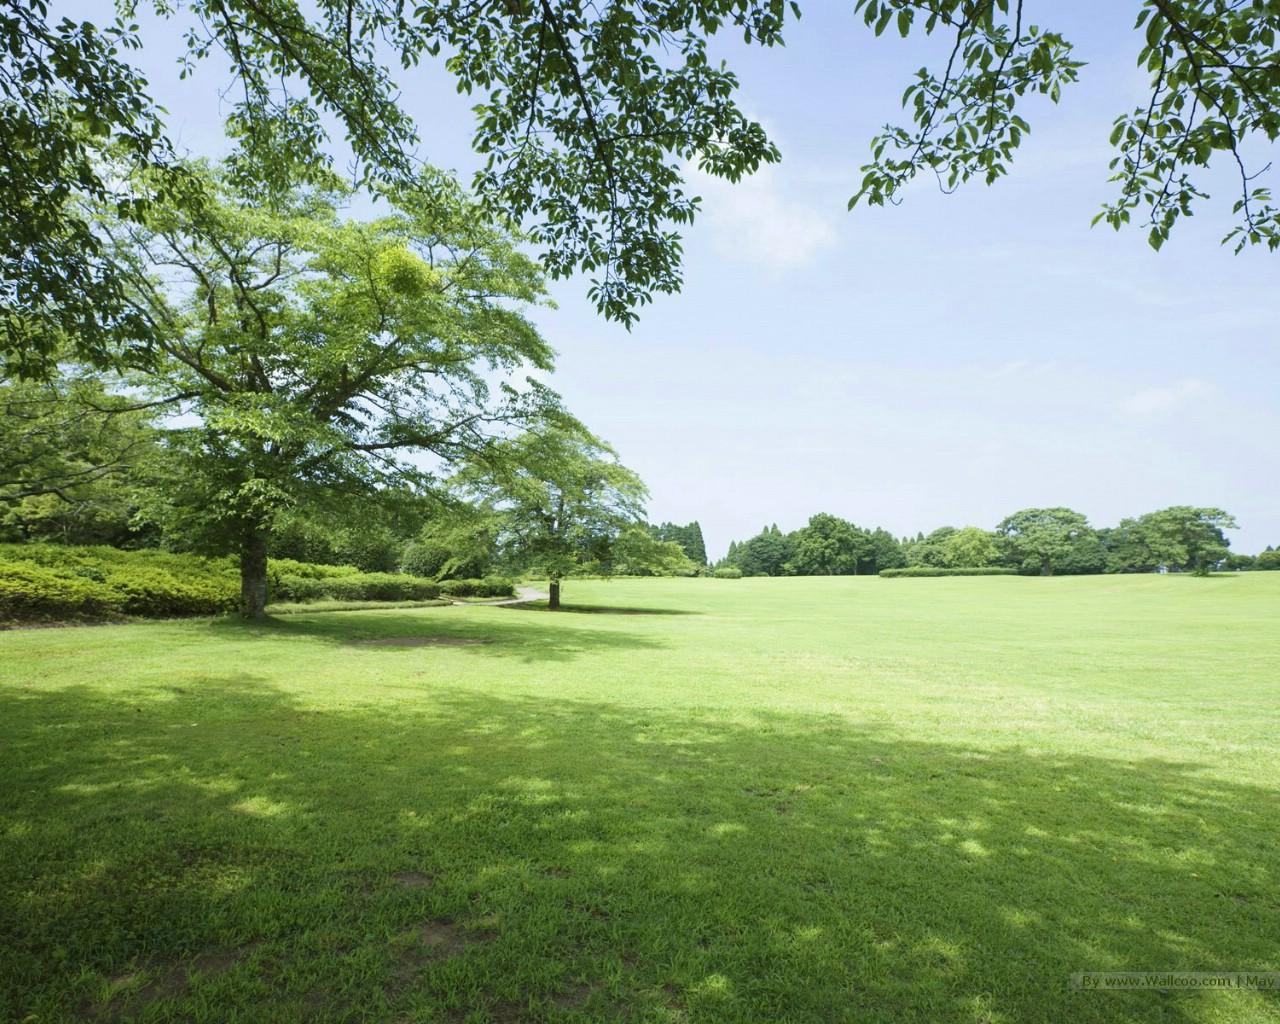 夏天原野与树木图片 阳光草原风景